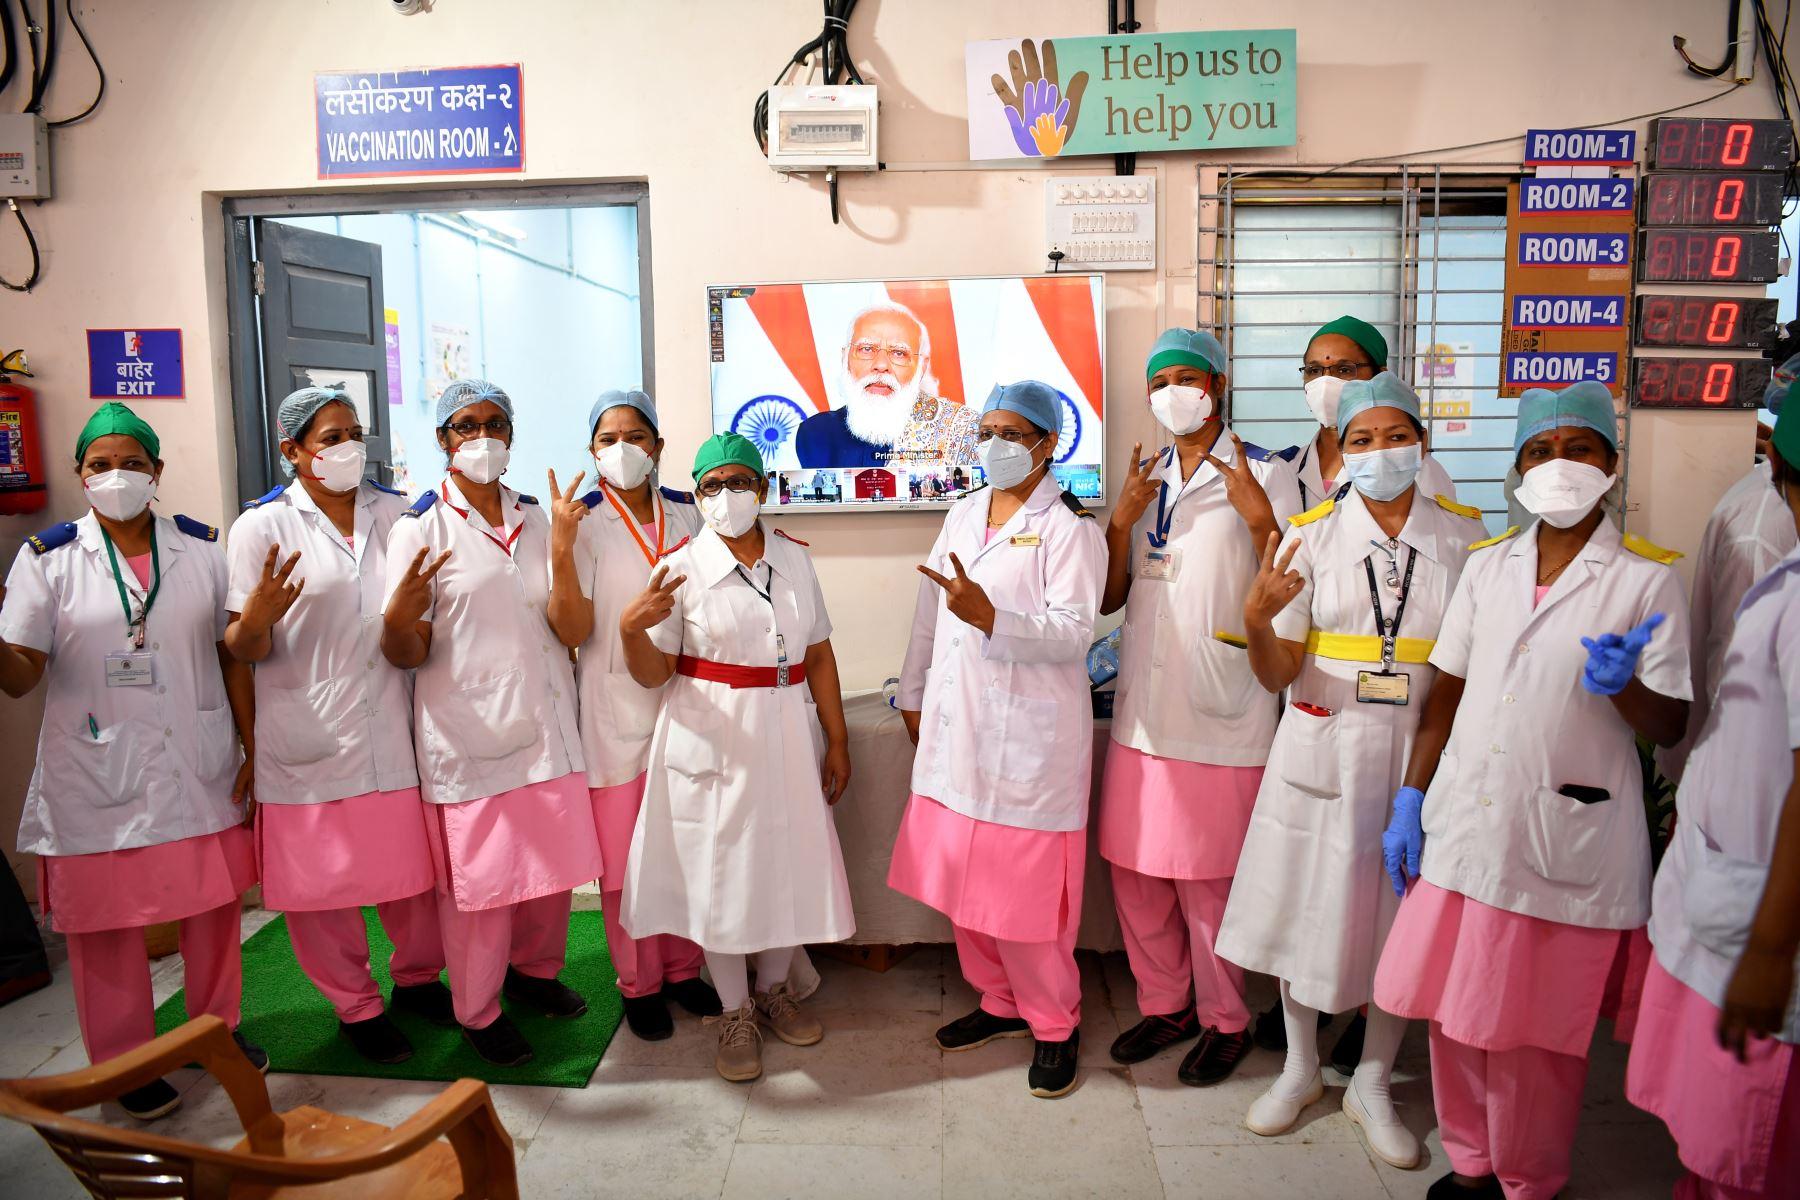 Las enfermeras del Hospital Rajawadi hacen el gesto del signo de la victoria mientras posan frente a un televisión transmitiendo un discurso en vivo del primer ministro de la India, Narendra Modi, antes del inicio de la campaña de vacunación contra el coronavirus Covid-19 en Mumbai. Foto: AFP